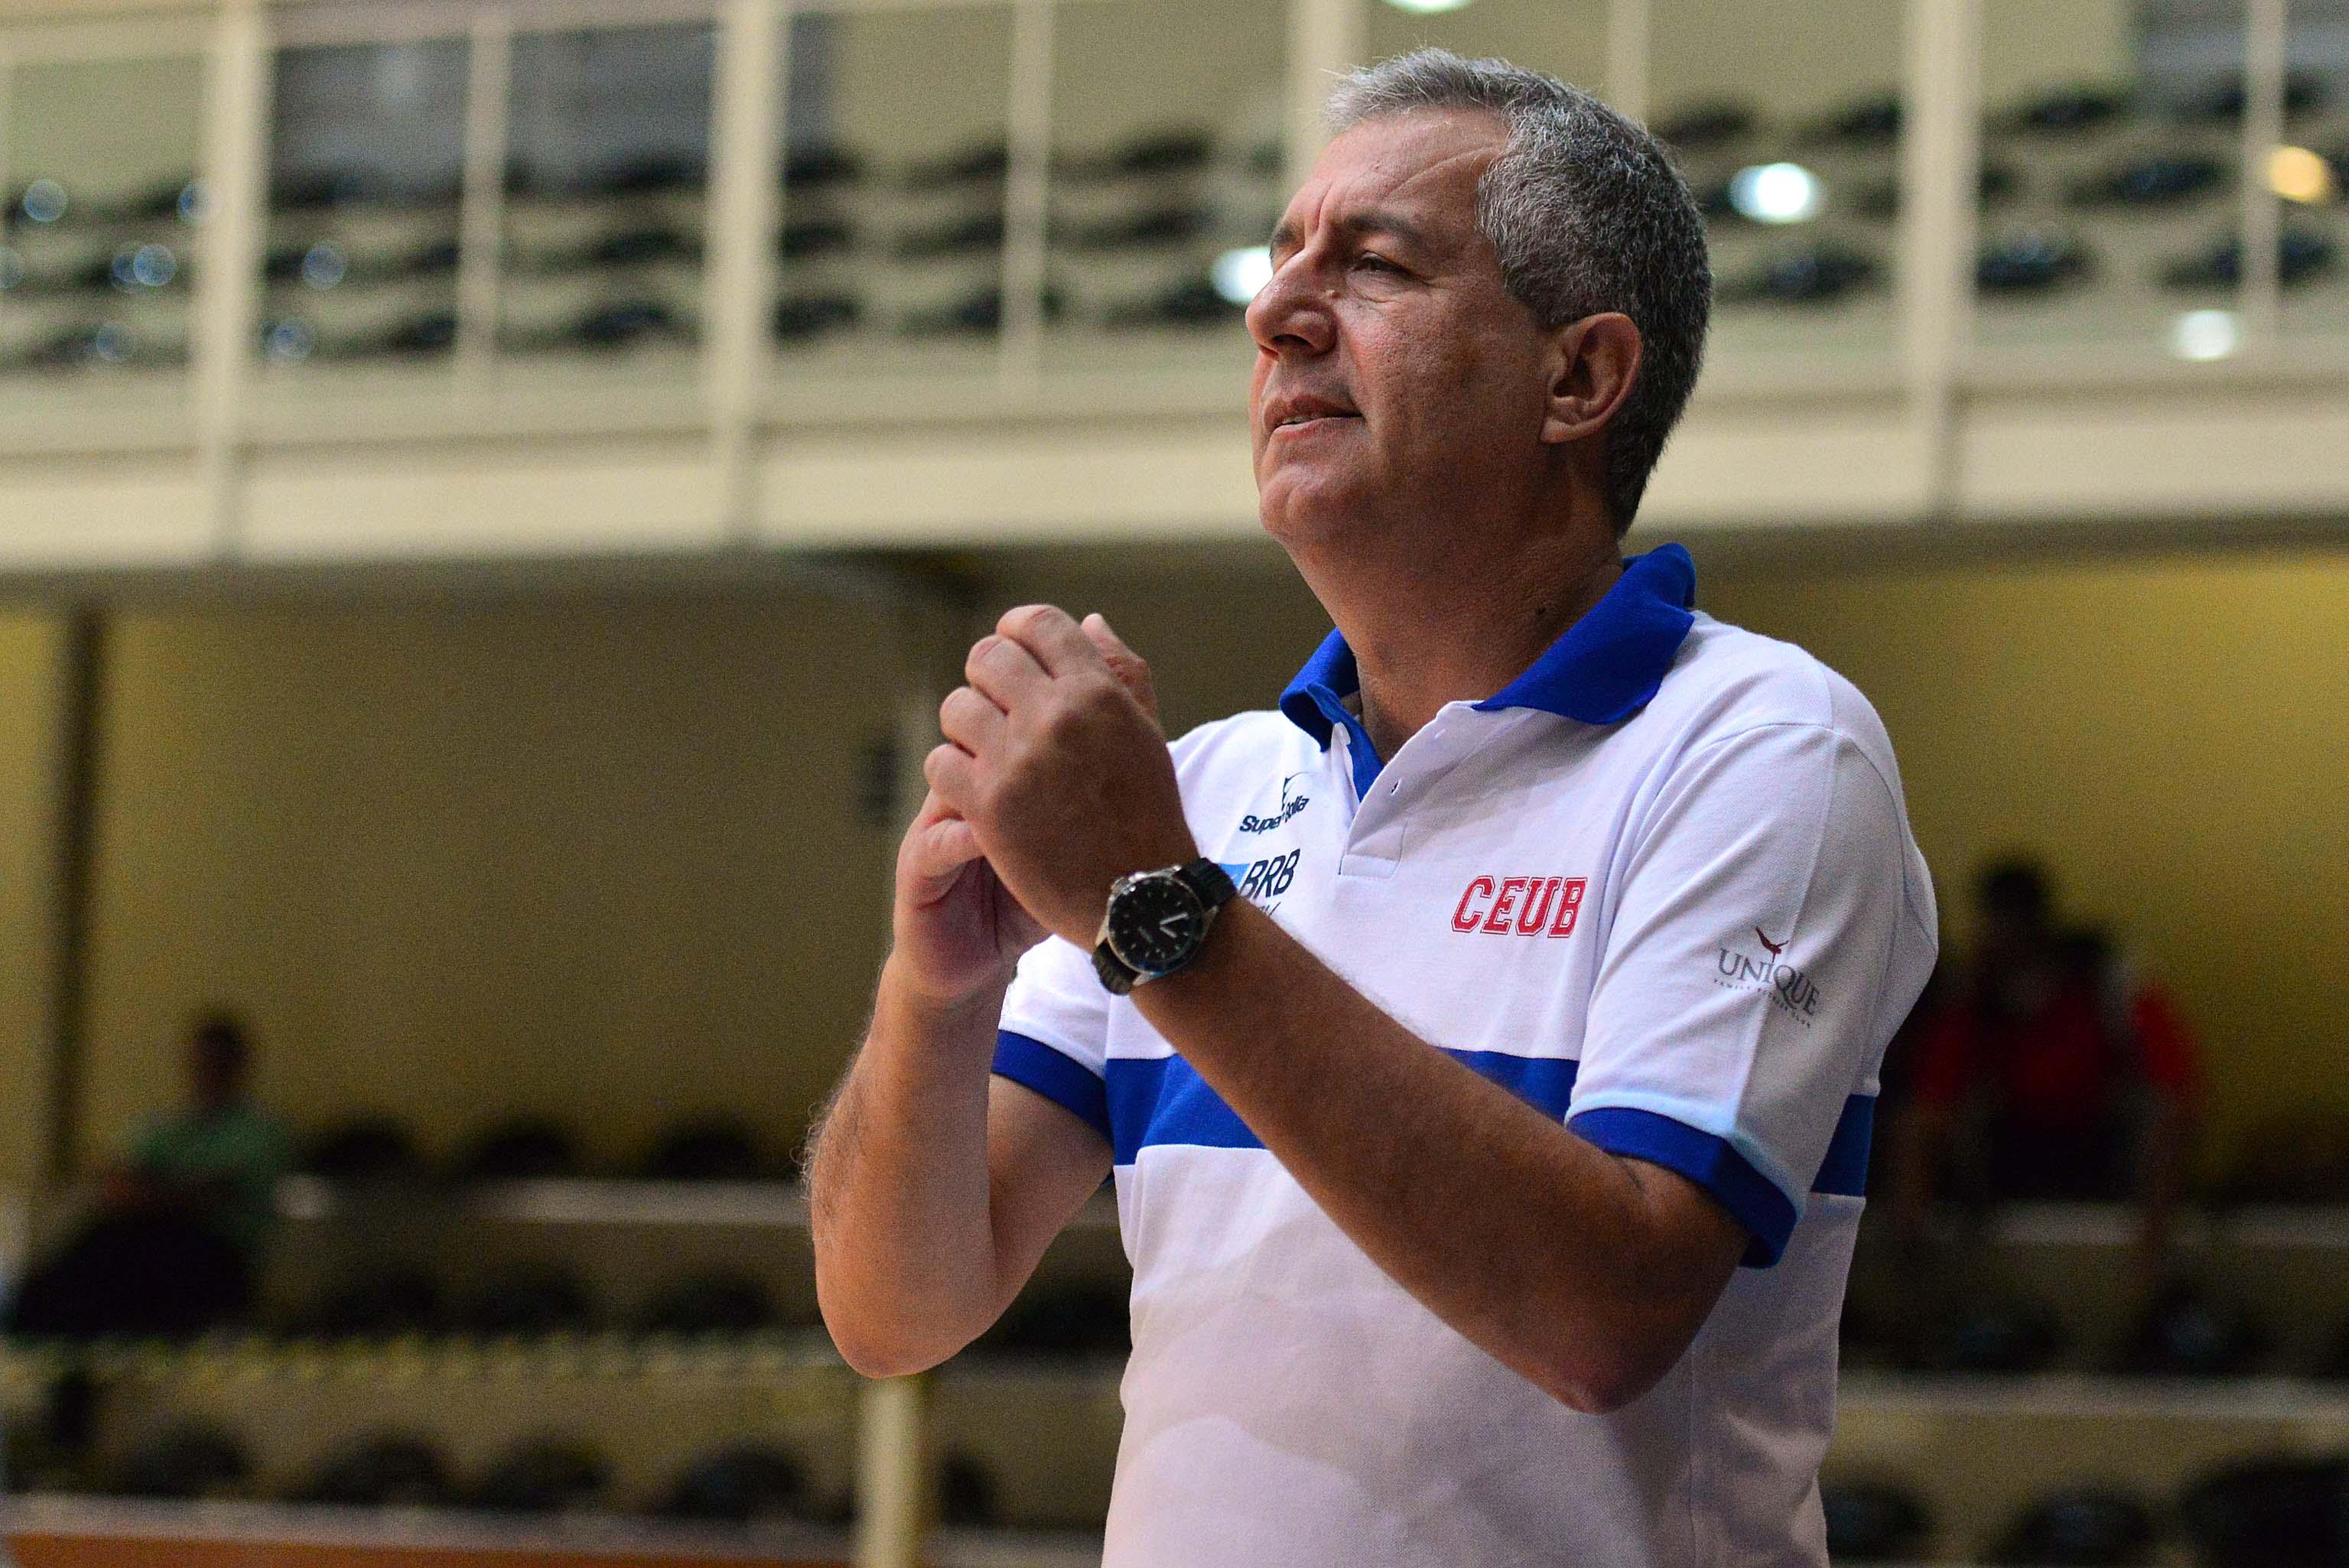 Mesmo com o revés, Brasília, do técnico Ronaldo Pacheco, segue no grupo dos 8 primeiros colocados (João Pires/LNB)